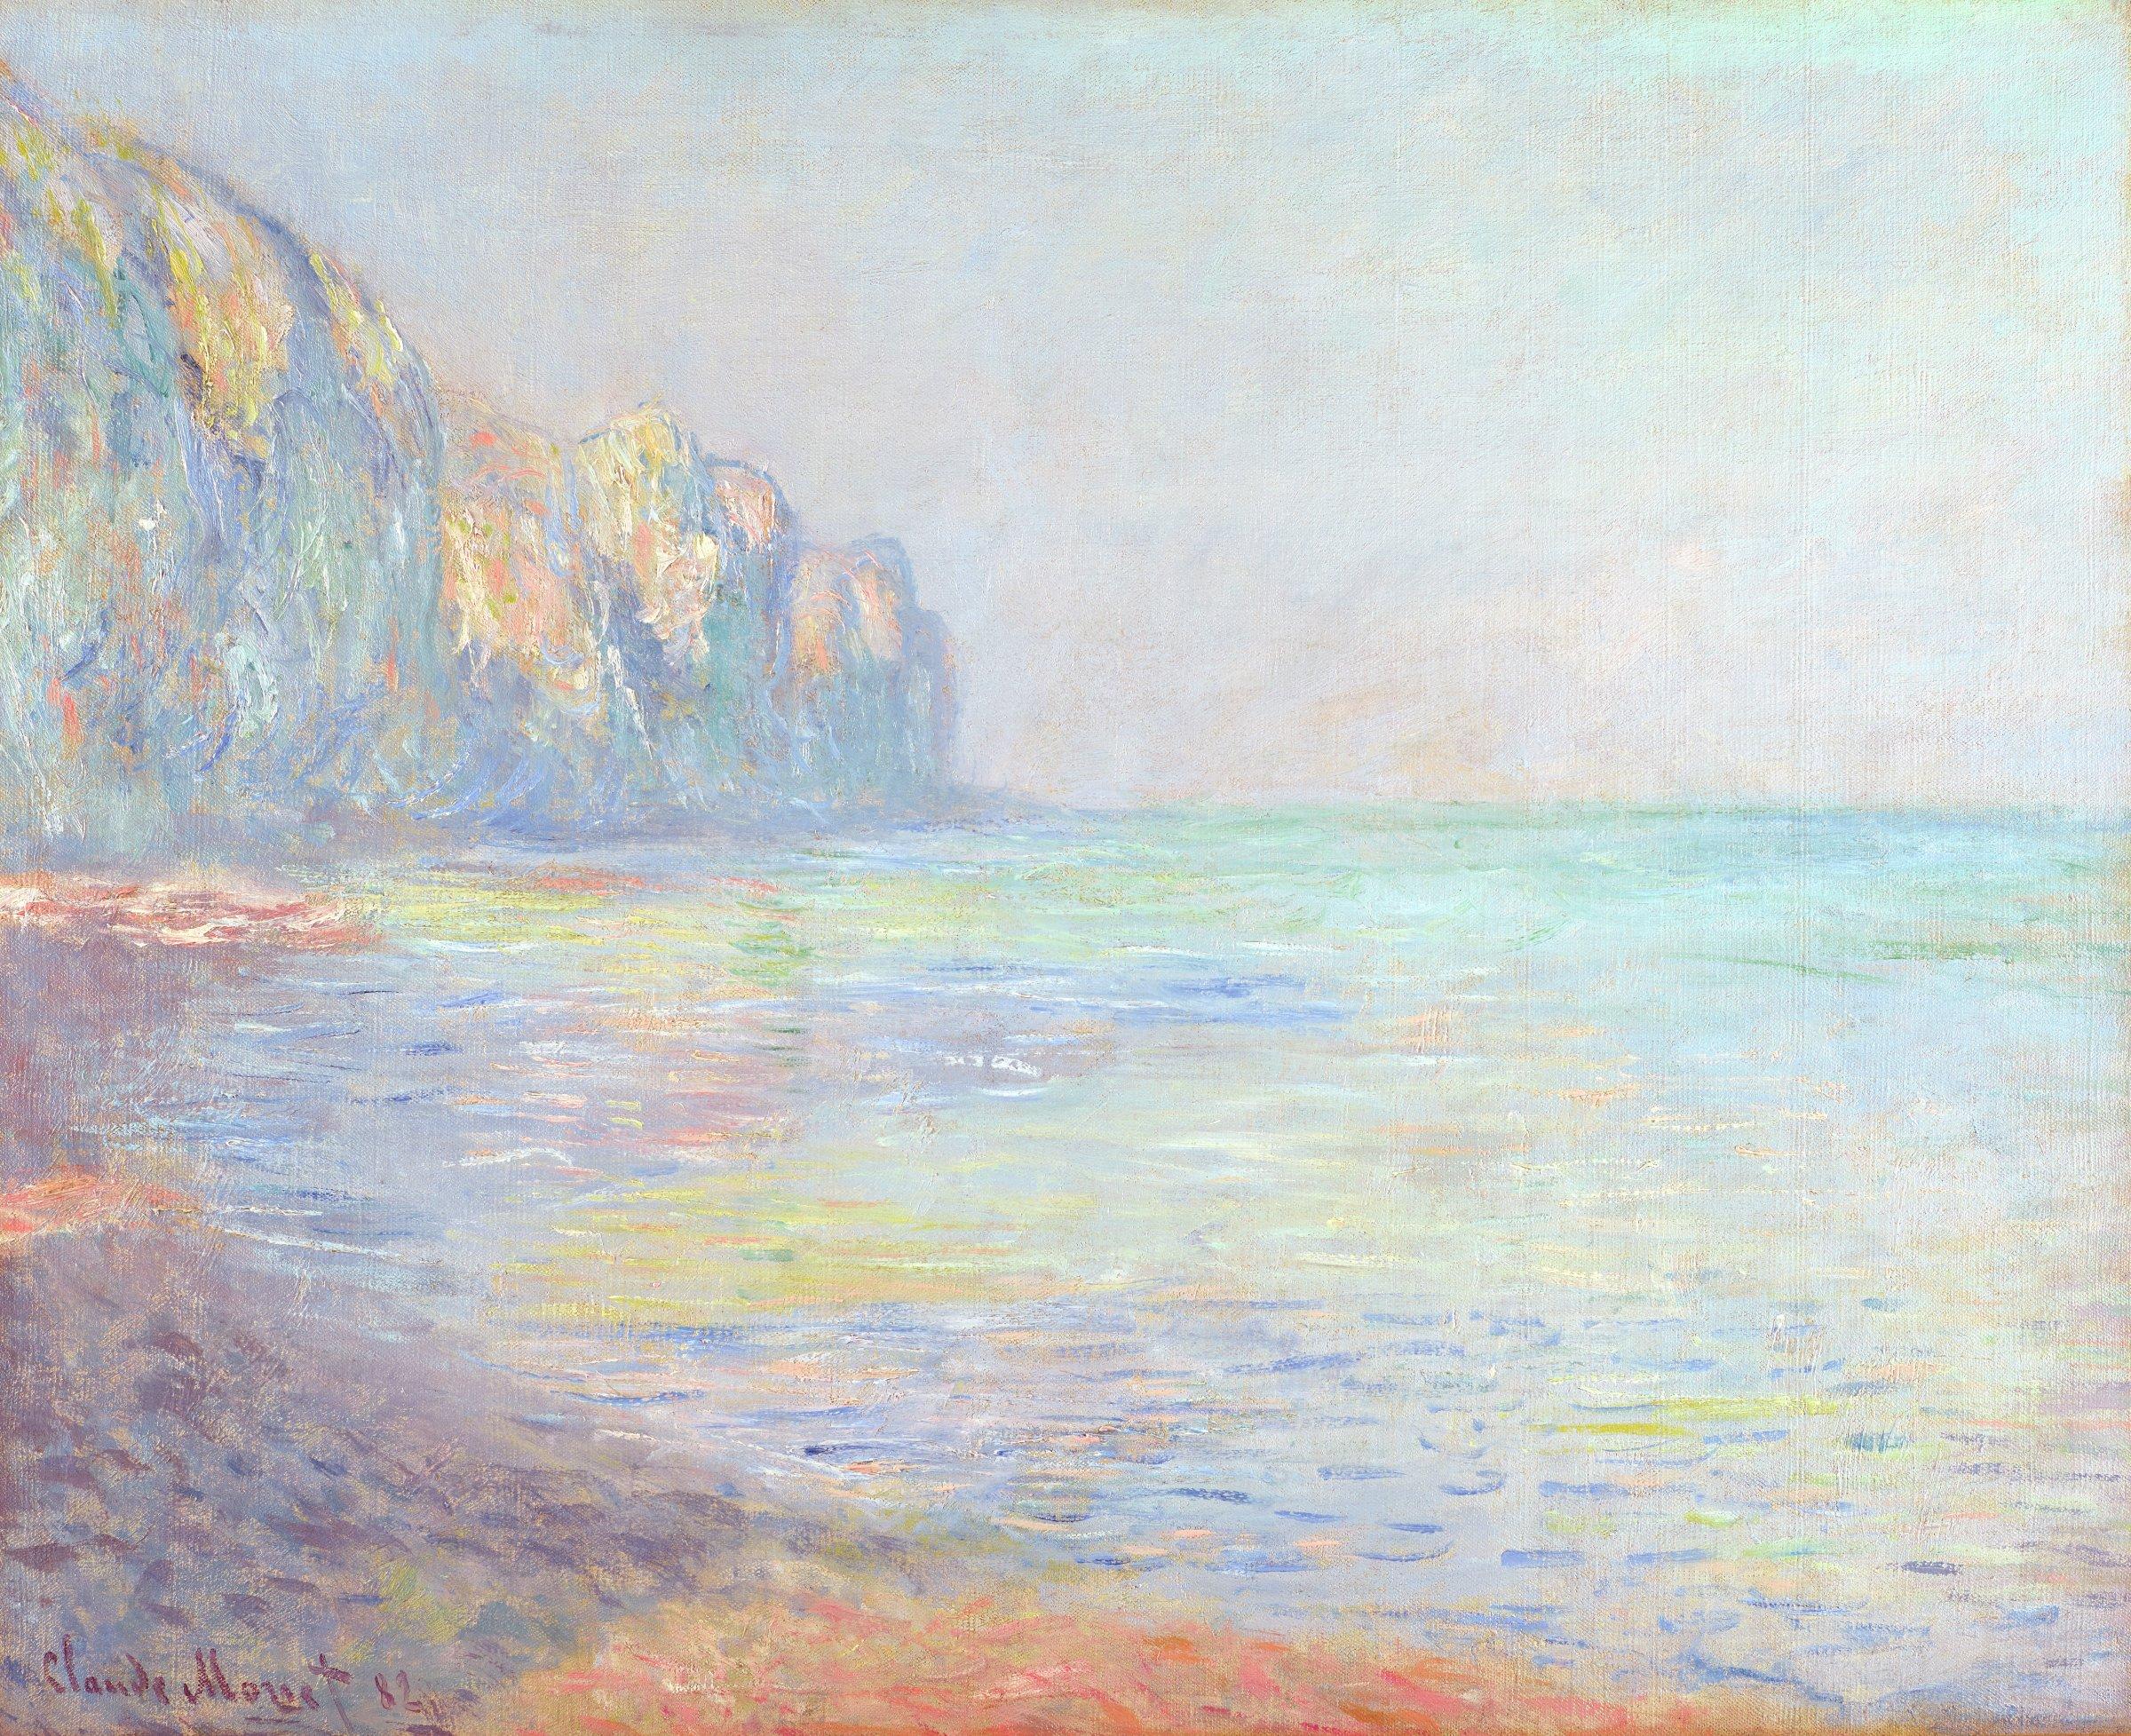 Le Matin, temps brumeux, Pourville (Foggy Morning at Pourville), Claude Monet, oil on canvas